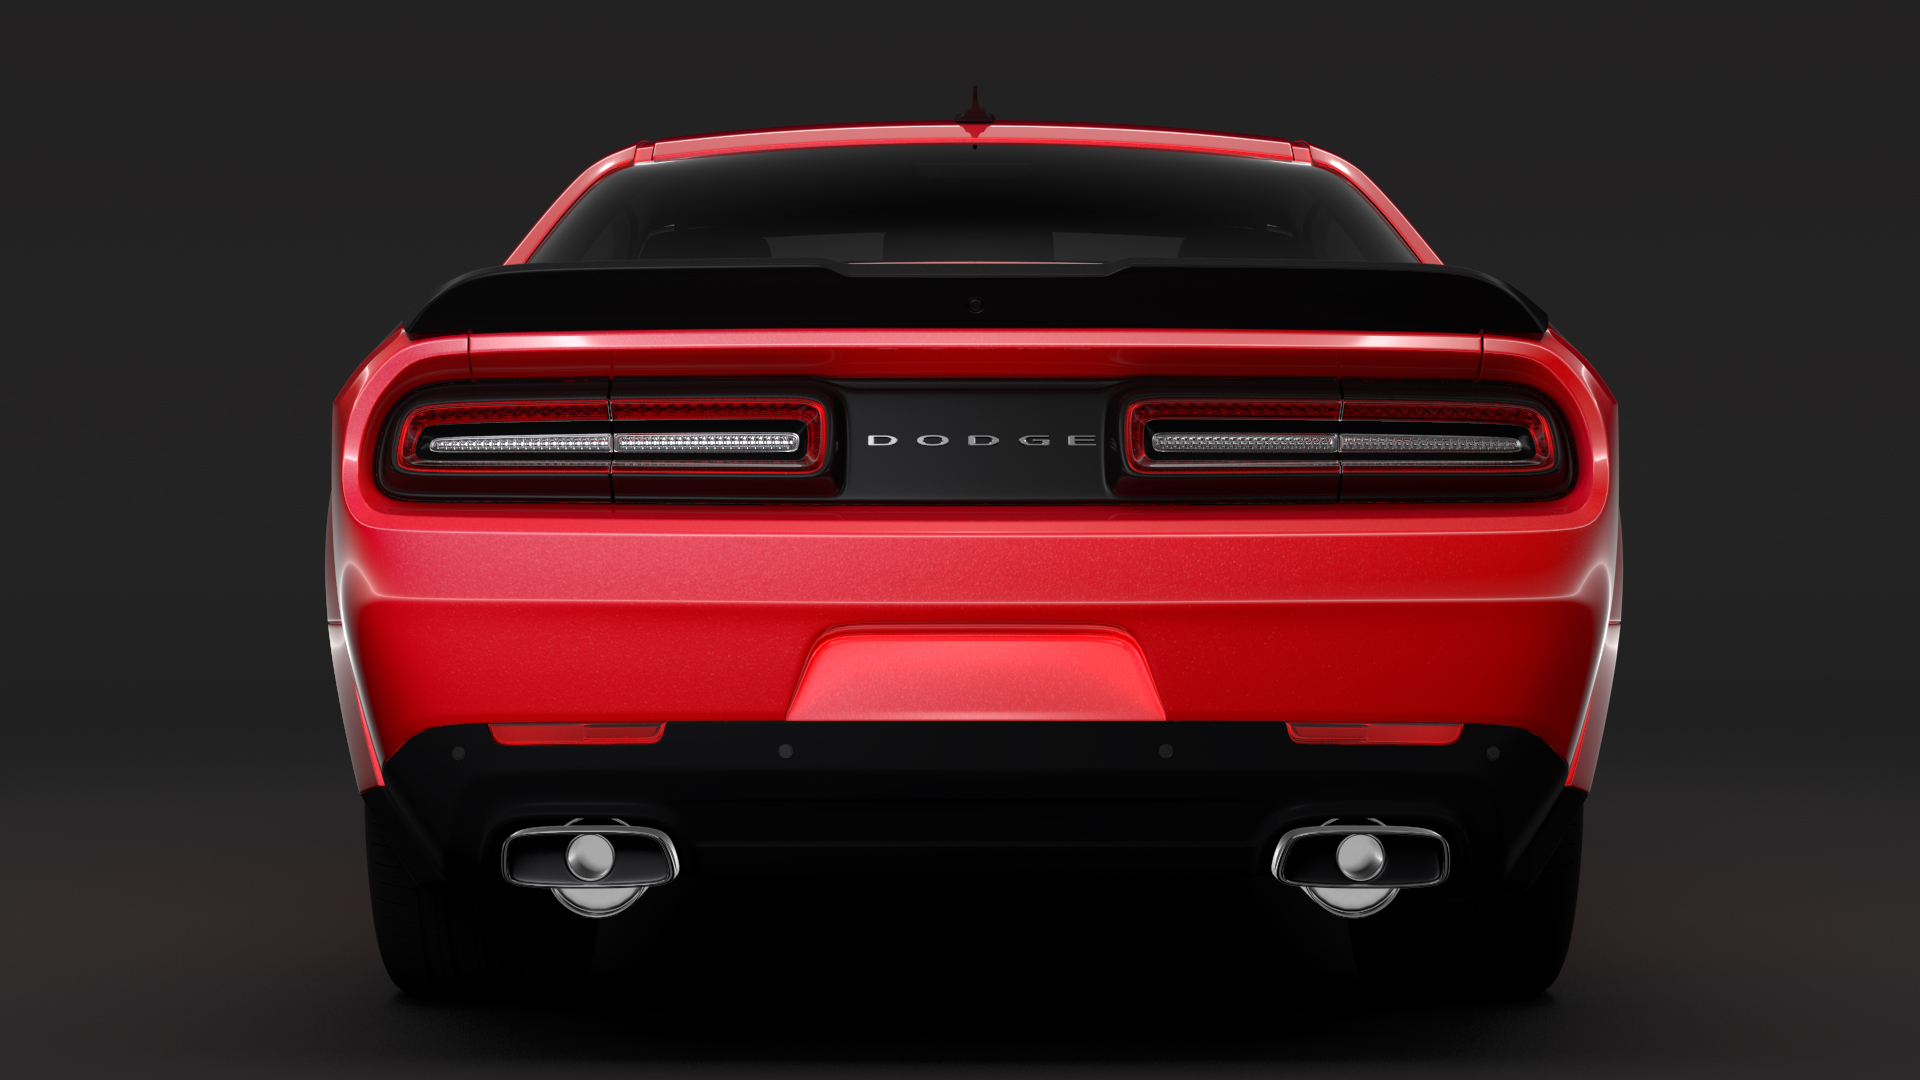 Dodge Challenger Rt Shaker Widebody 2017 3d Model Buy